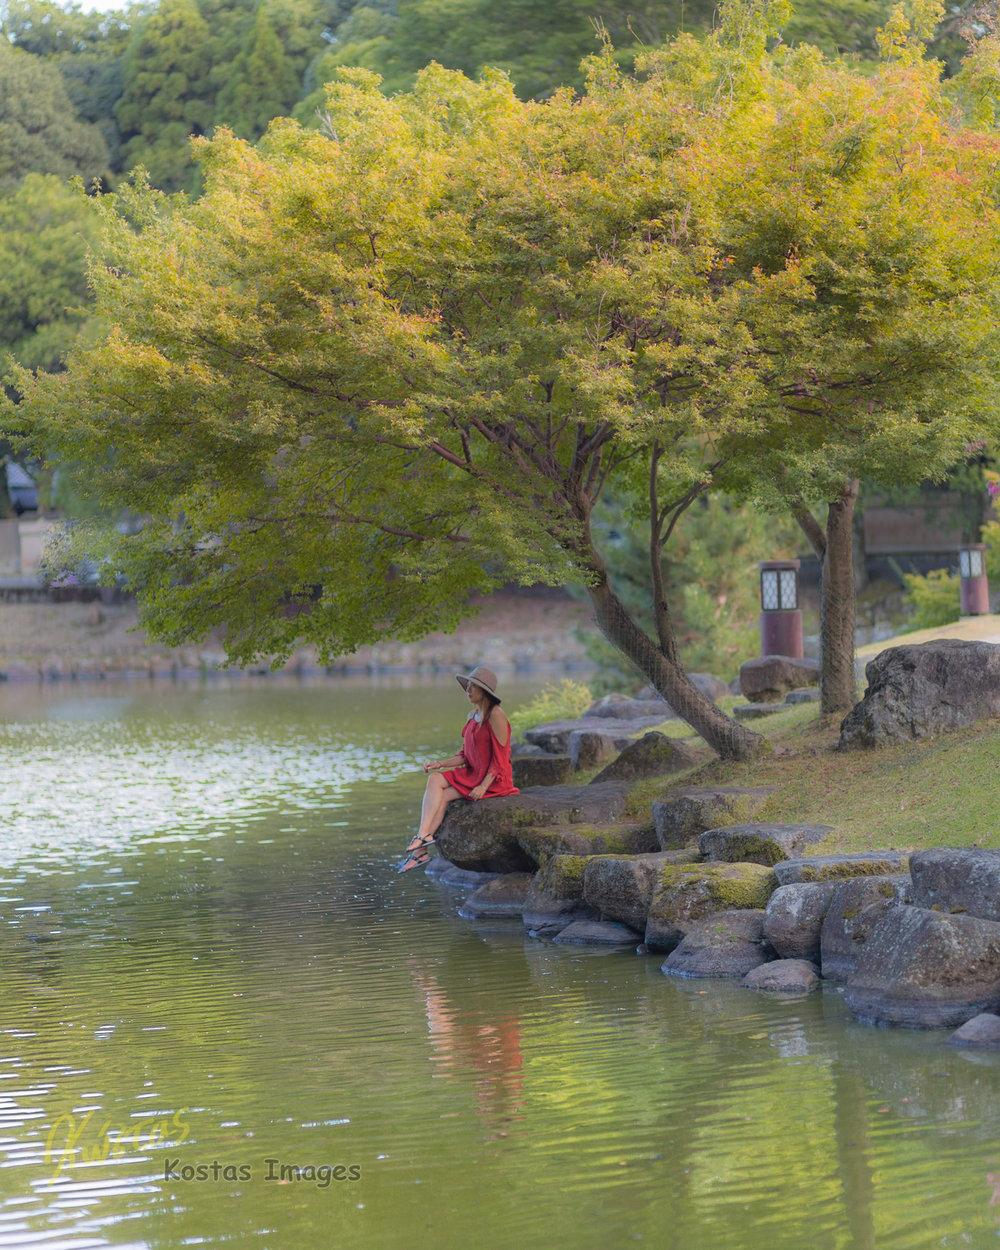 20160825-IMG_3634-Nara Park Portrait.jpg